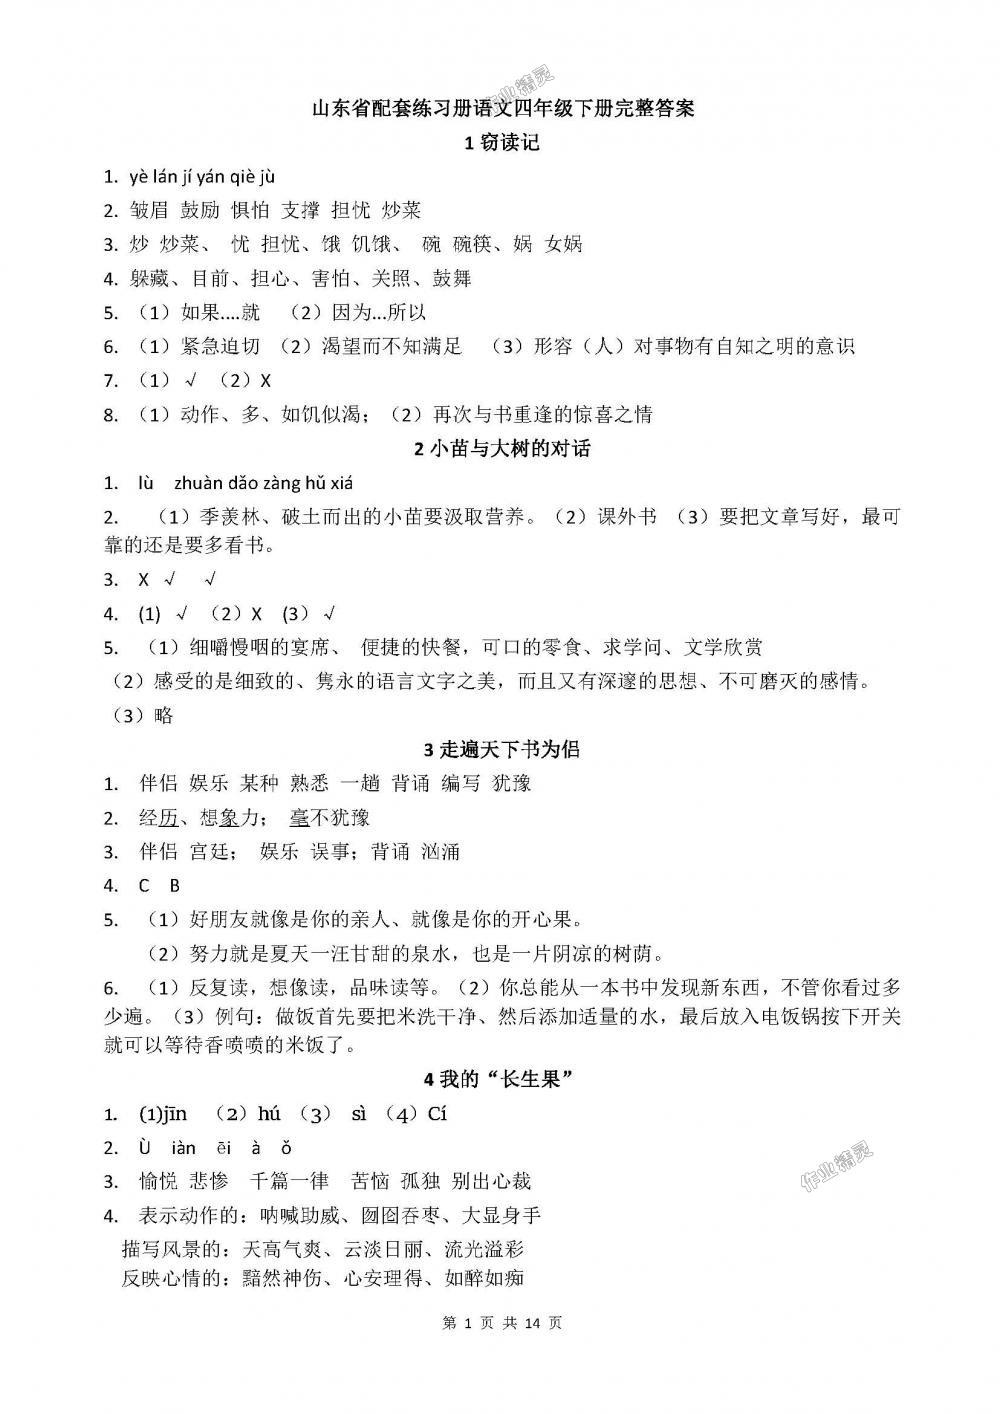 2018年配套练习册山东教育出版社四年级语文下册鲁教版第1页